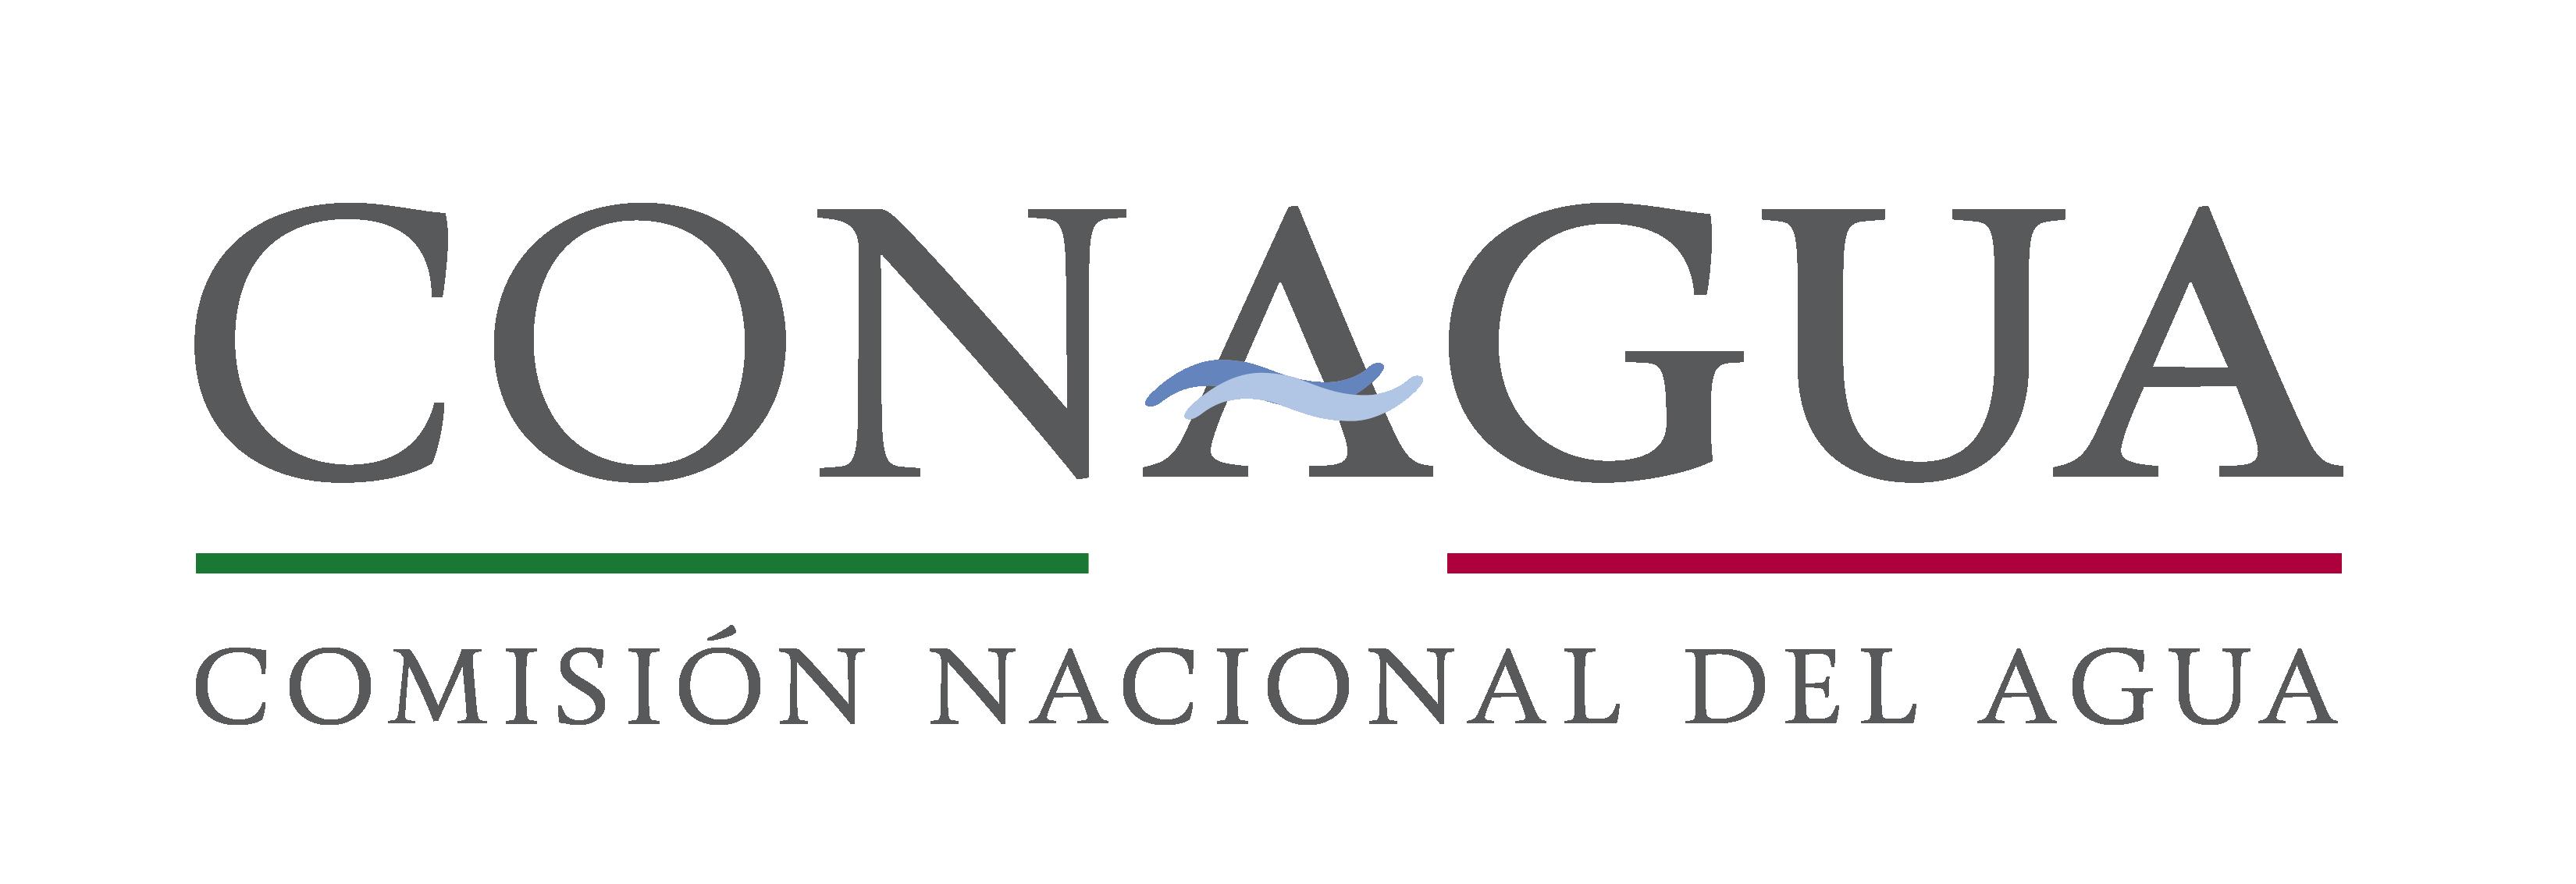 CONAGUA 2013